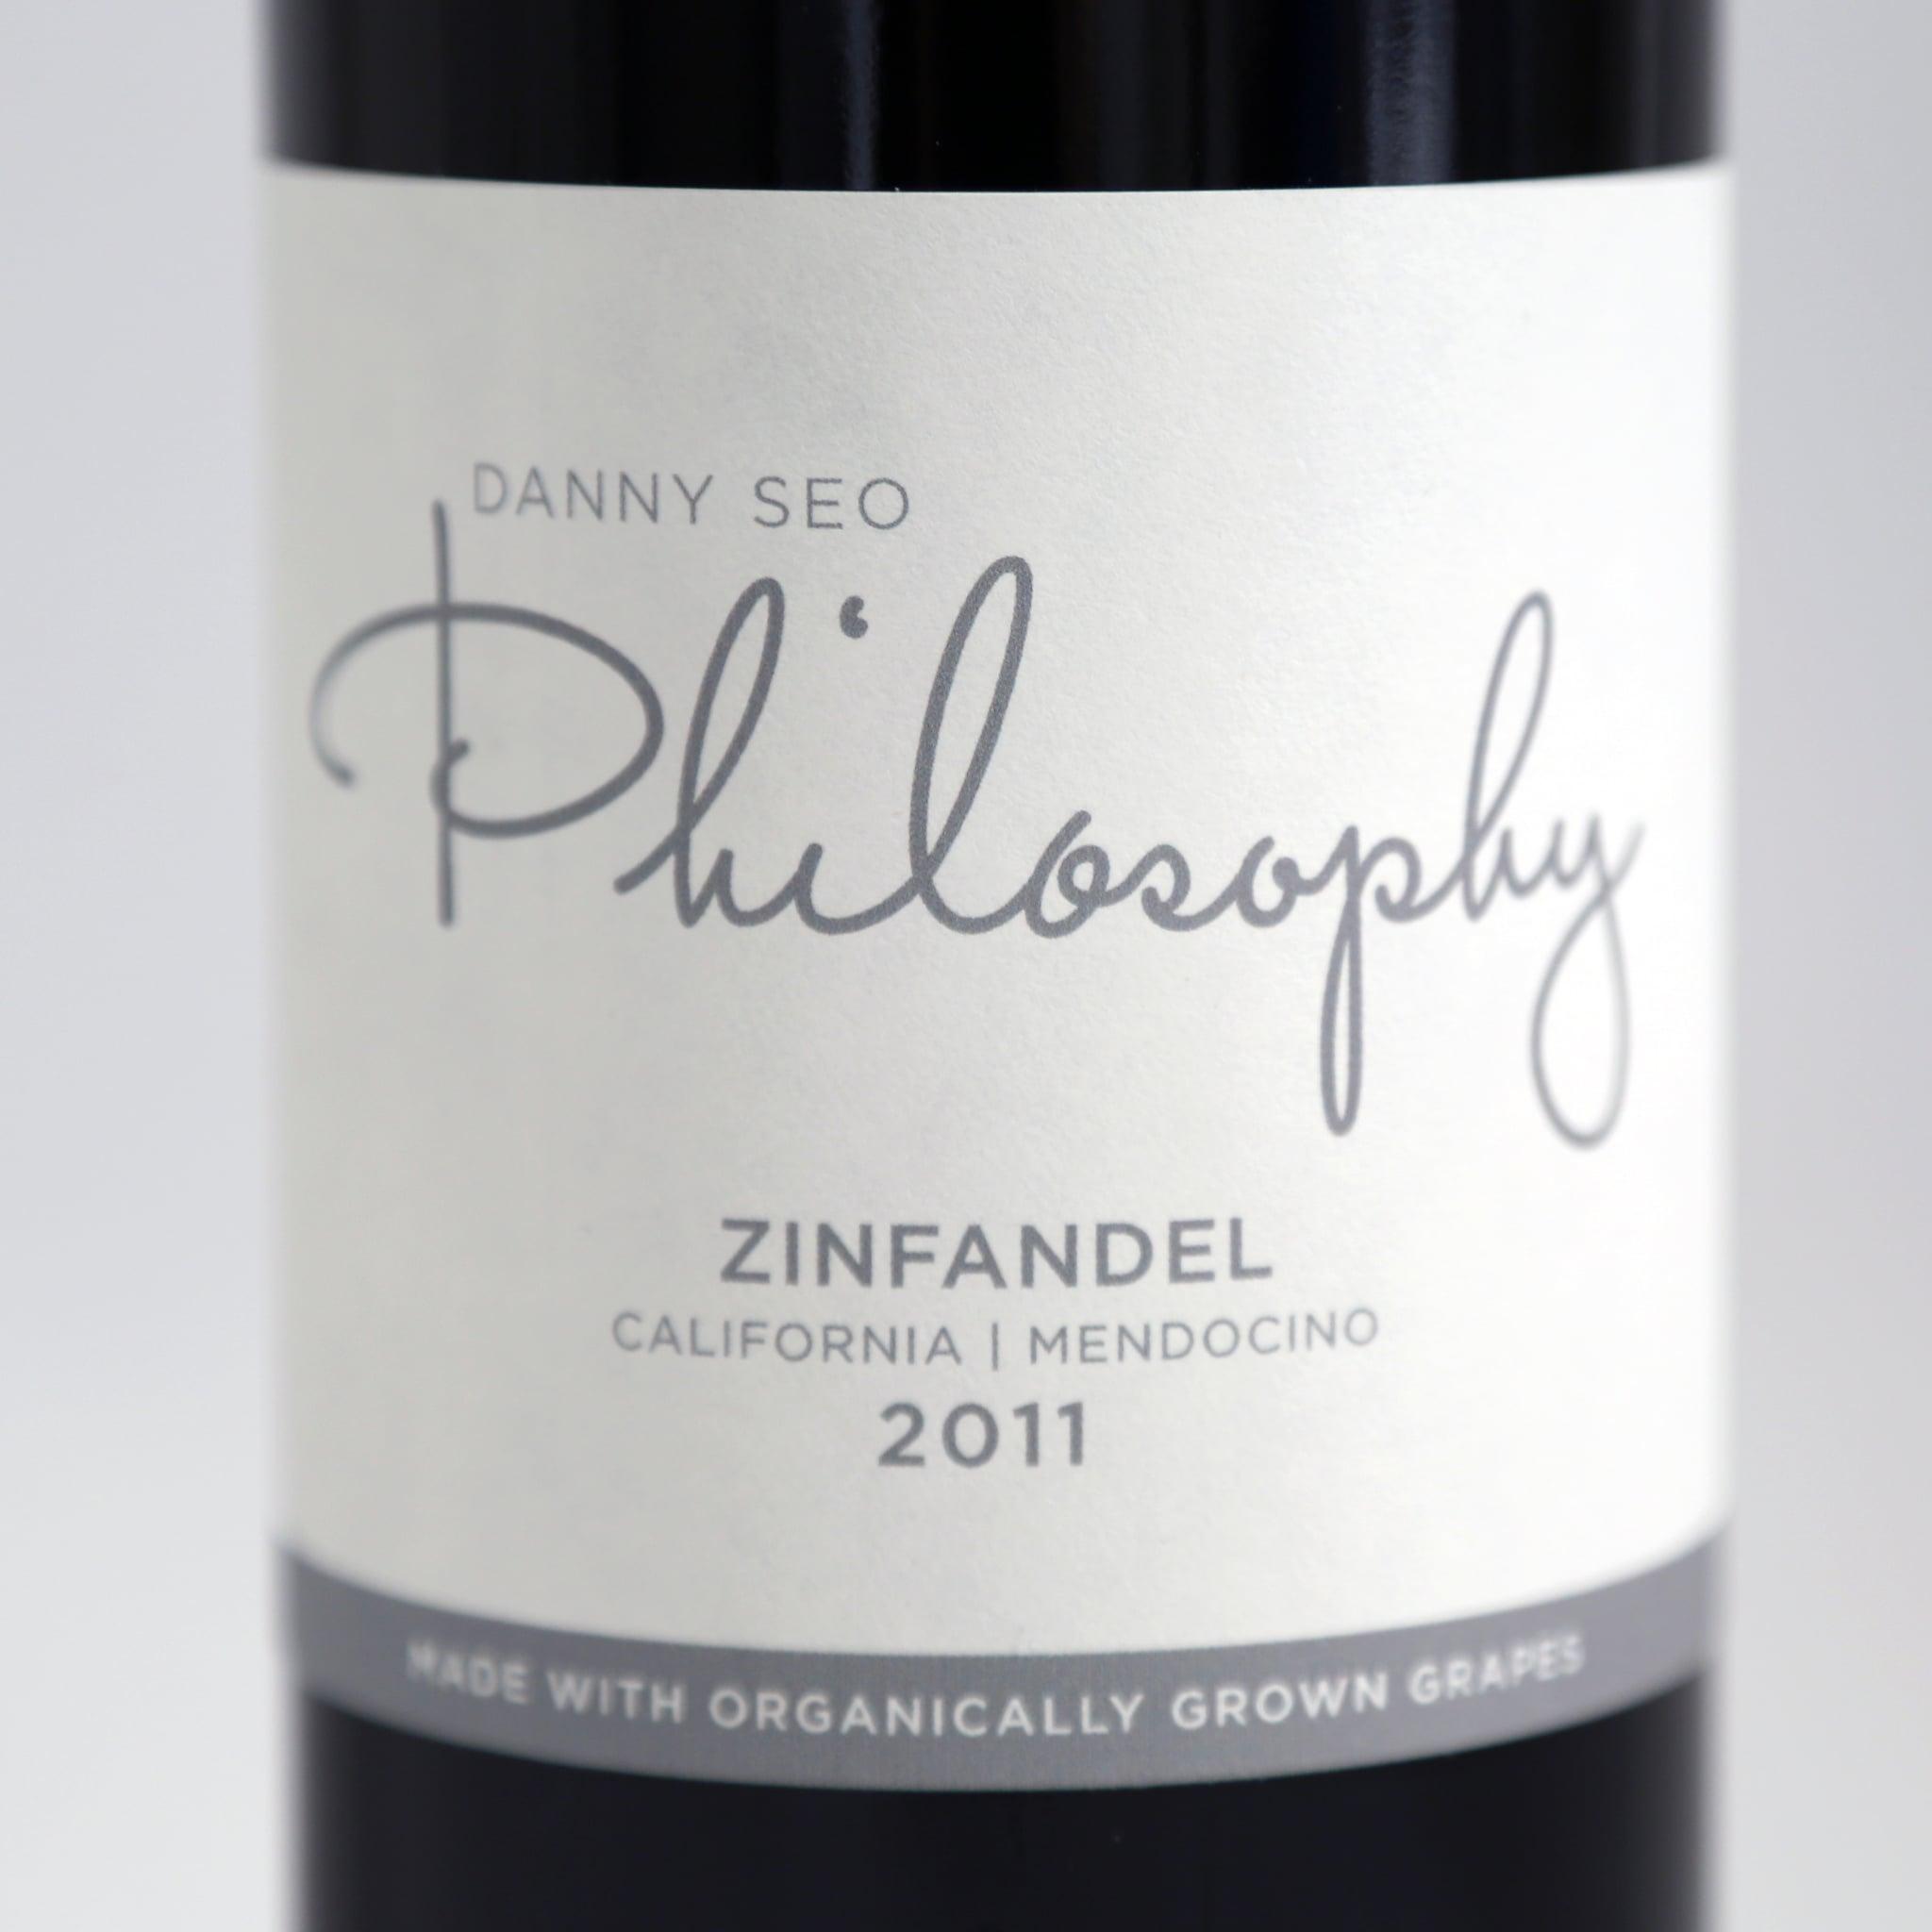 2011 Danny SEO Philosophy Zinfandel